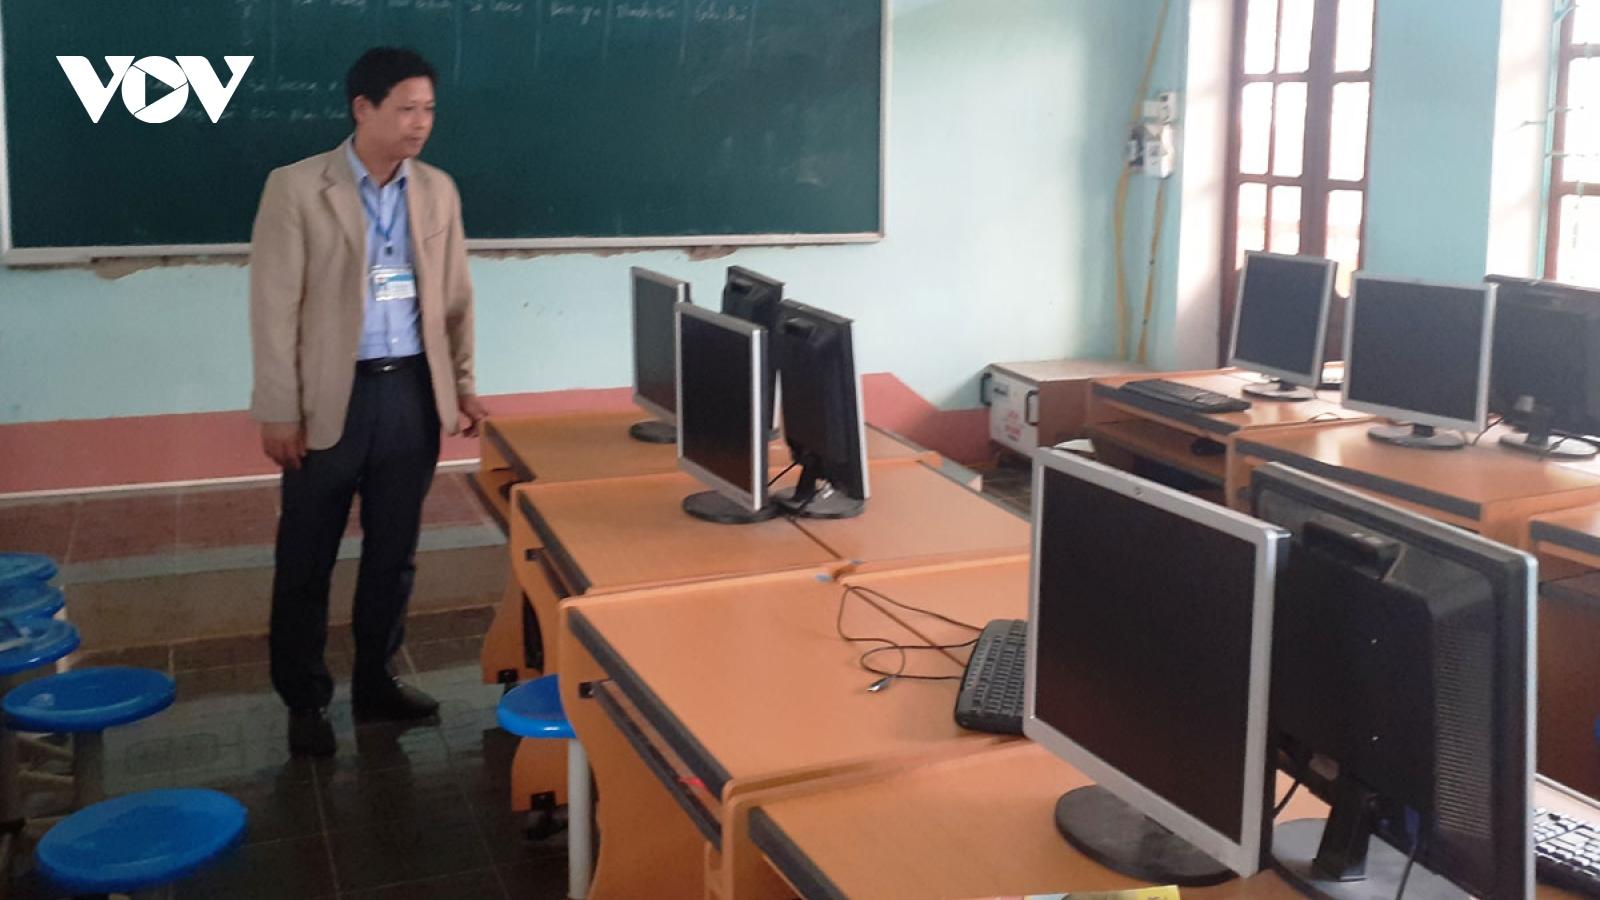 Nhiều khó khăn khi triển khai chương trình giáo dục phổ thông mới ởHà Giang